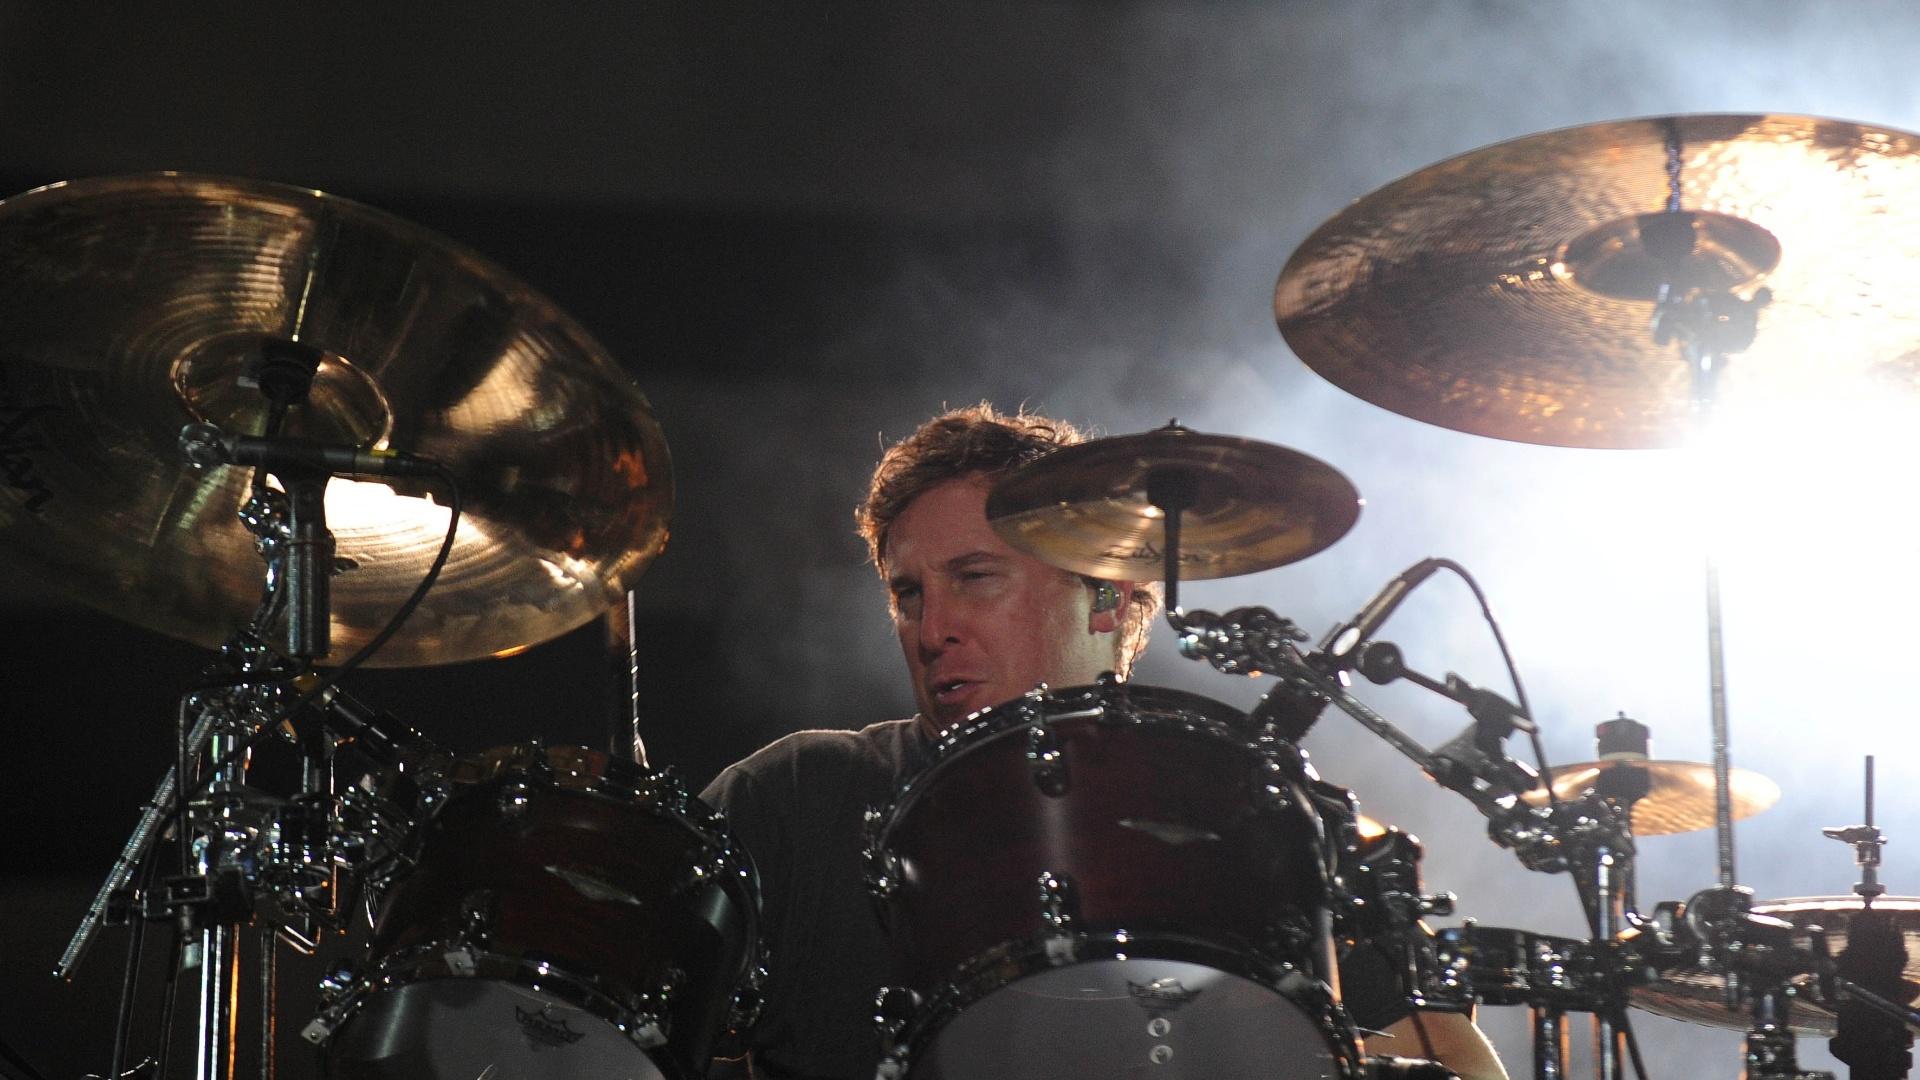 25.set.2015 - O baterista Abe Cunningham durante show da banda Deftones em São Paulo